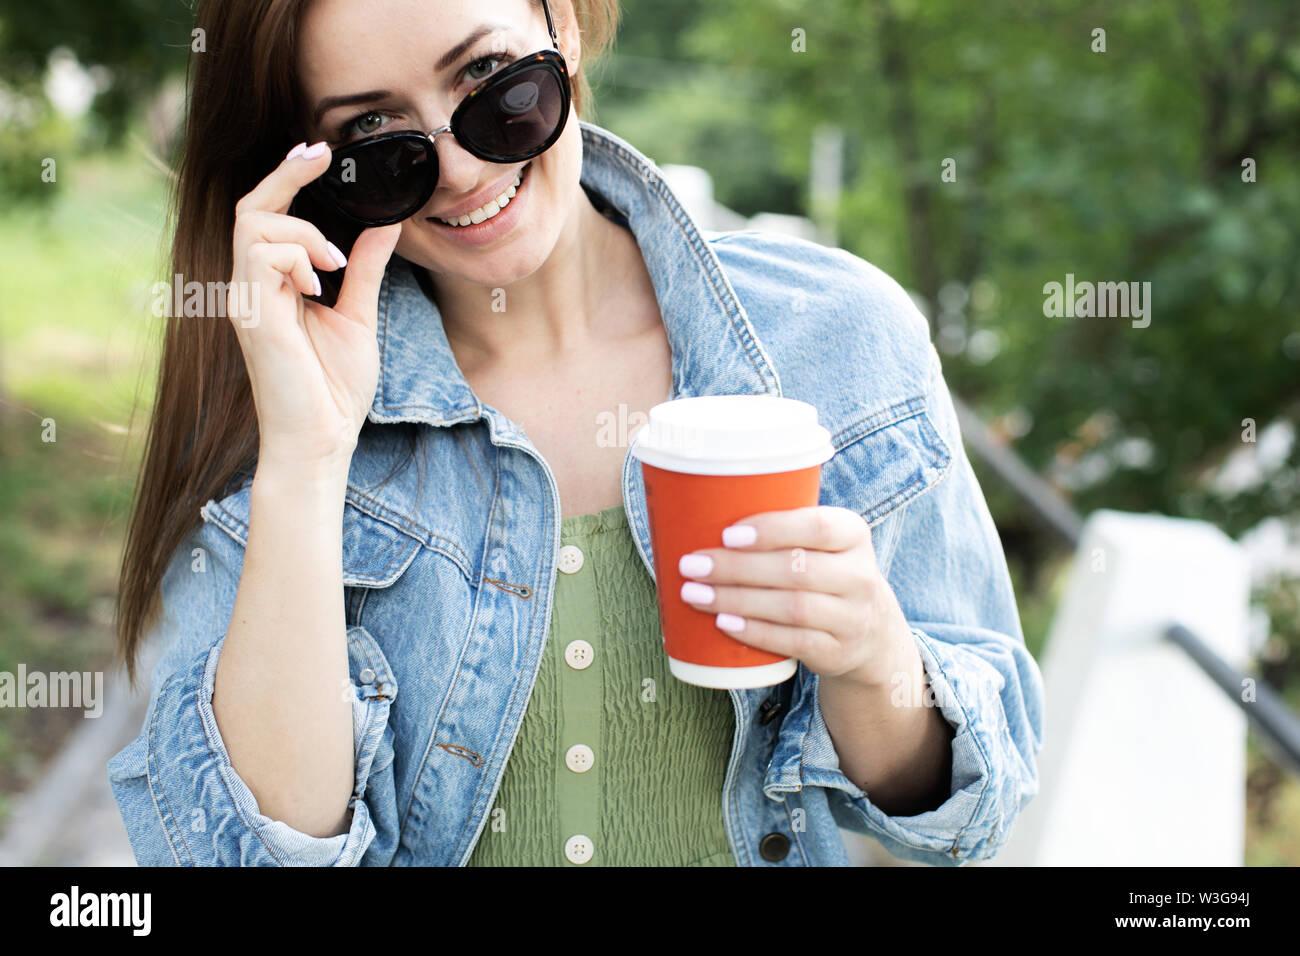 Junge Mädchen trinken Kaffee auf der Straße Stockbild